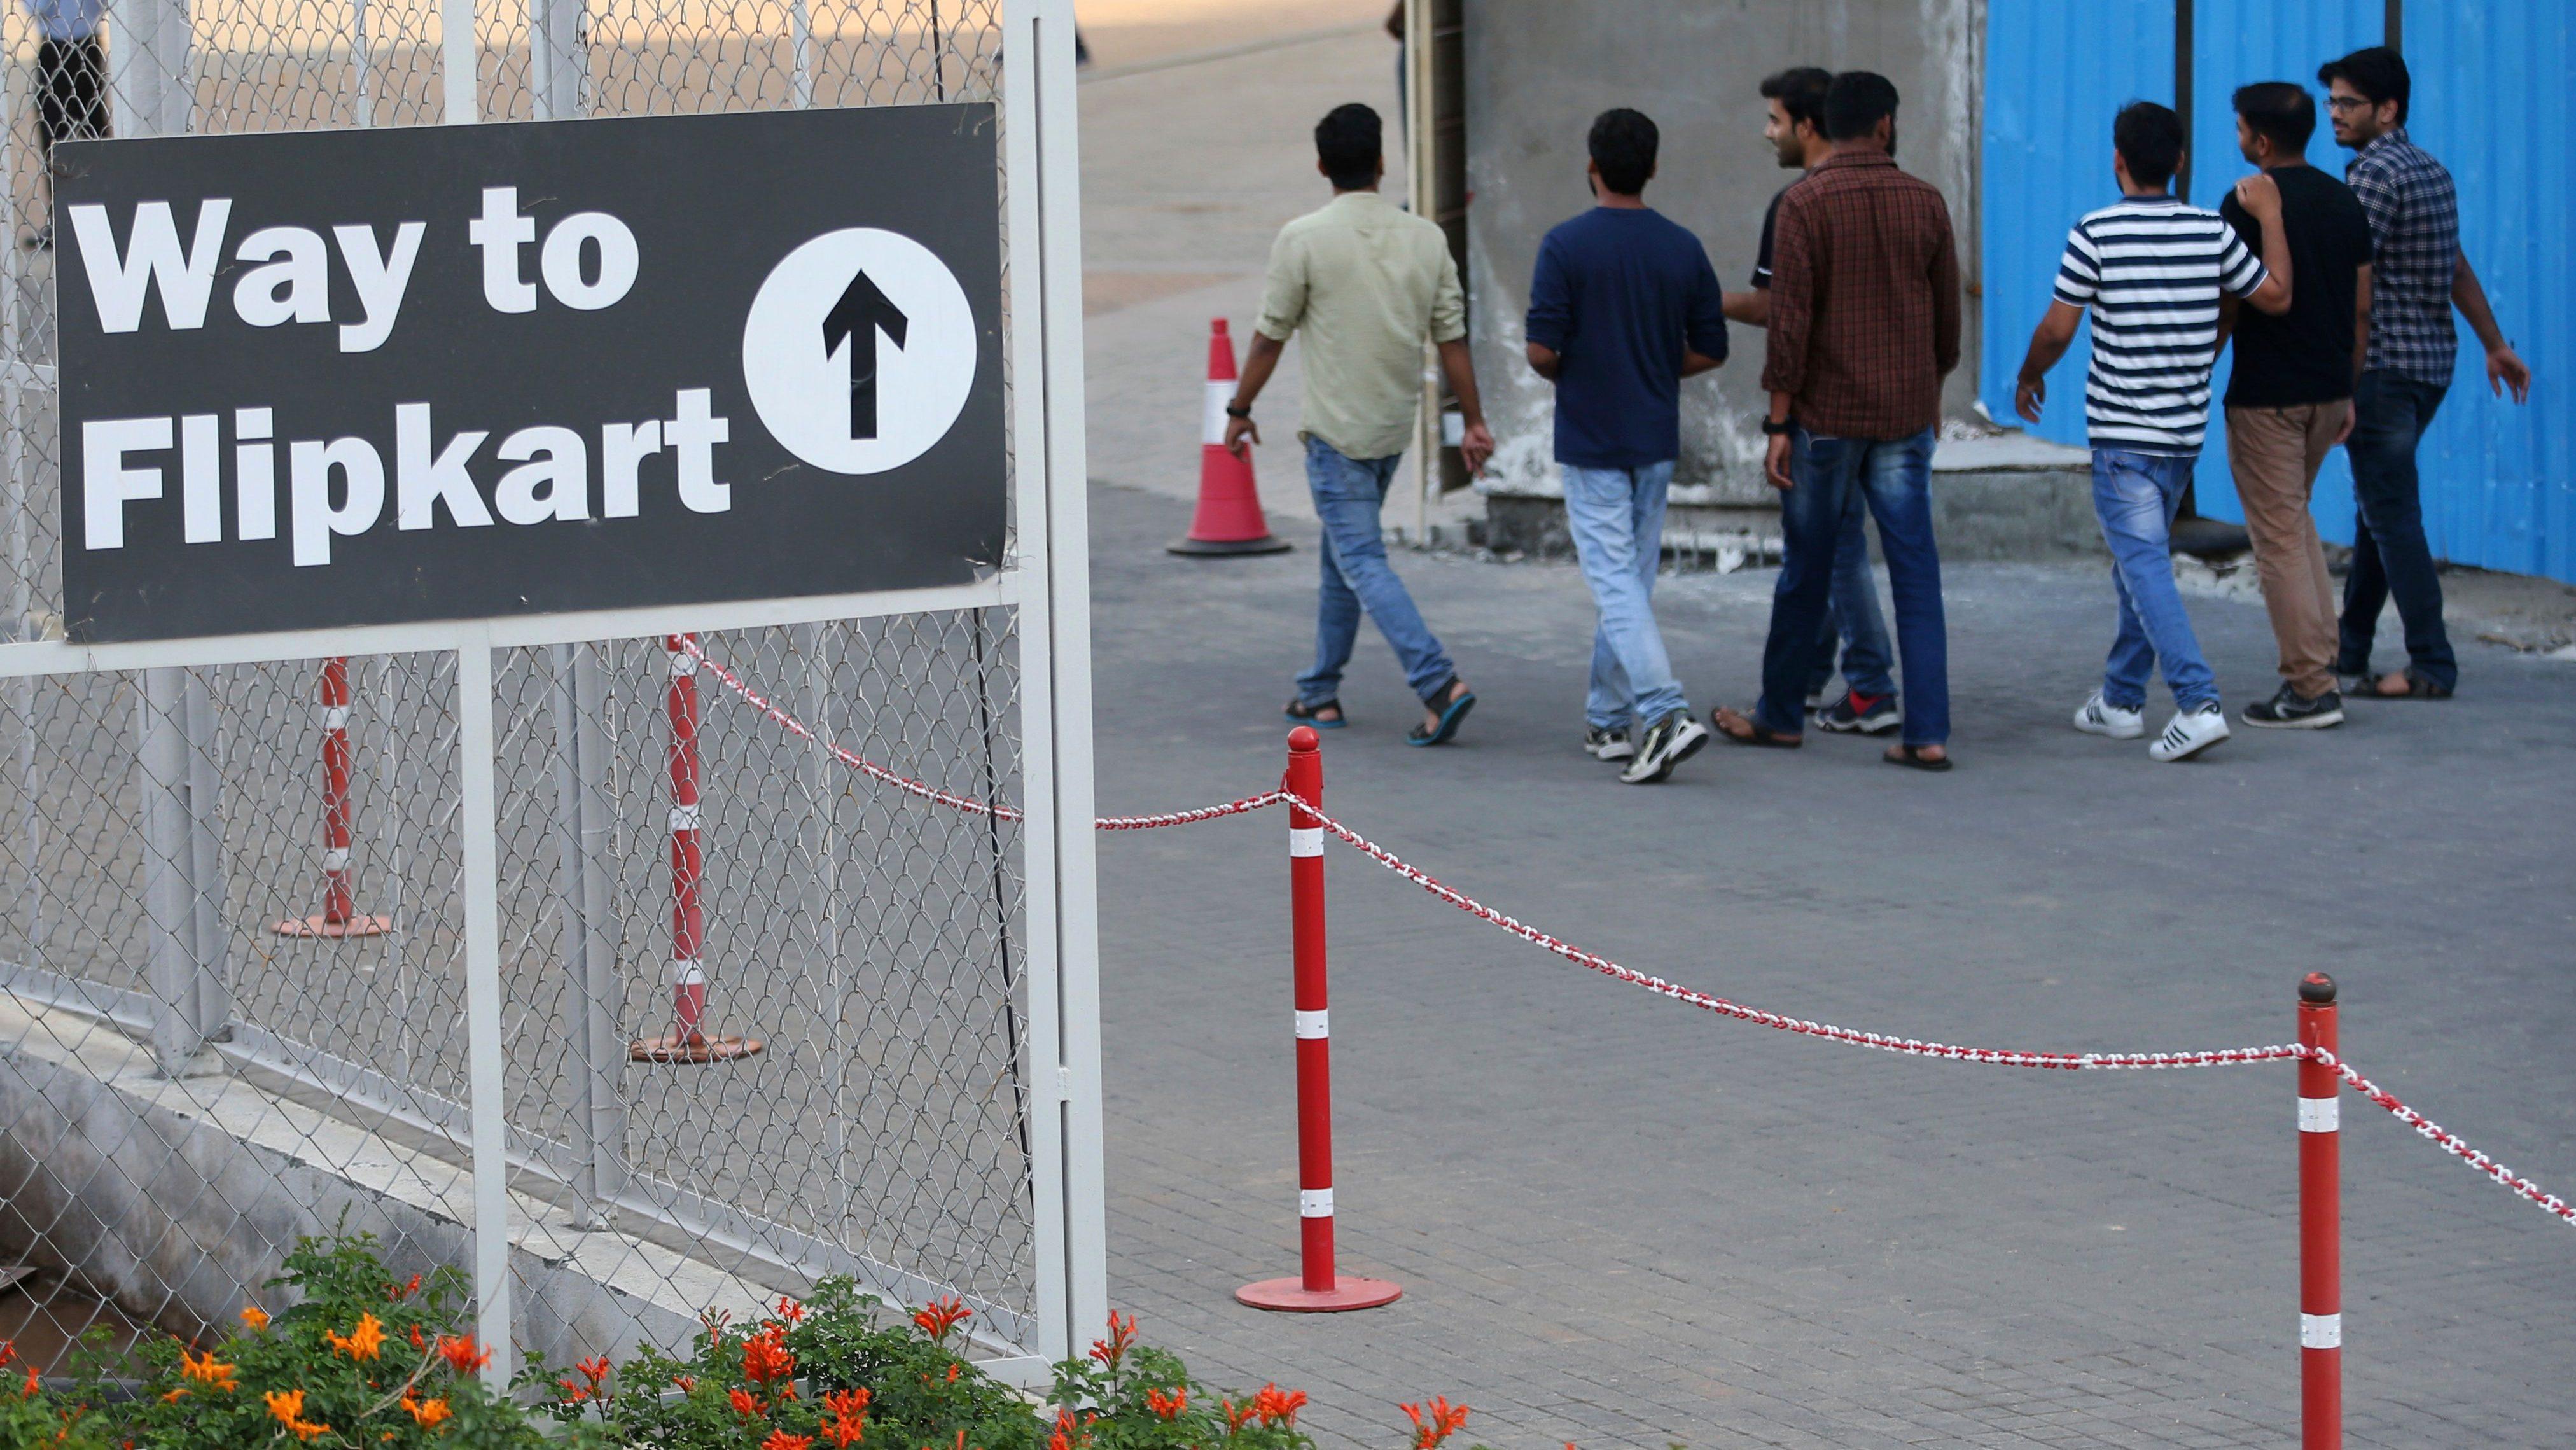 India-Flipkart-online-retail-startup-tech